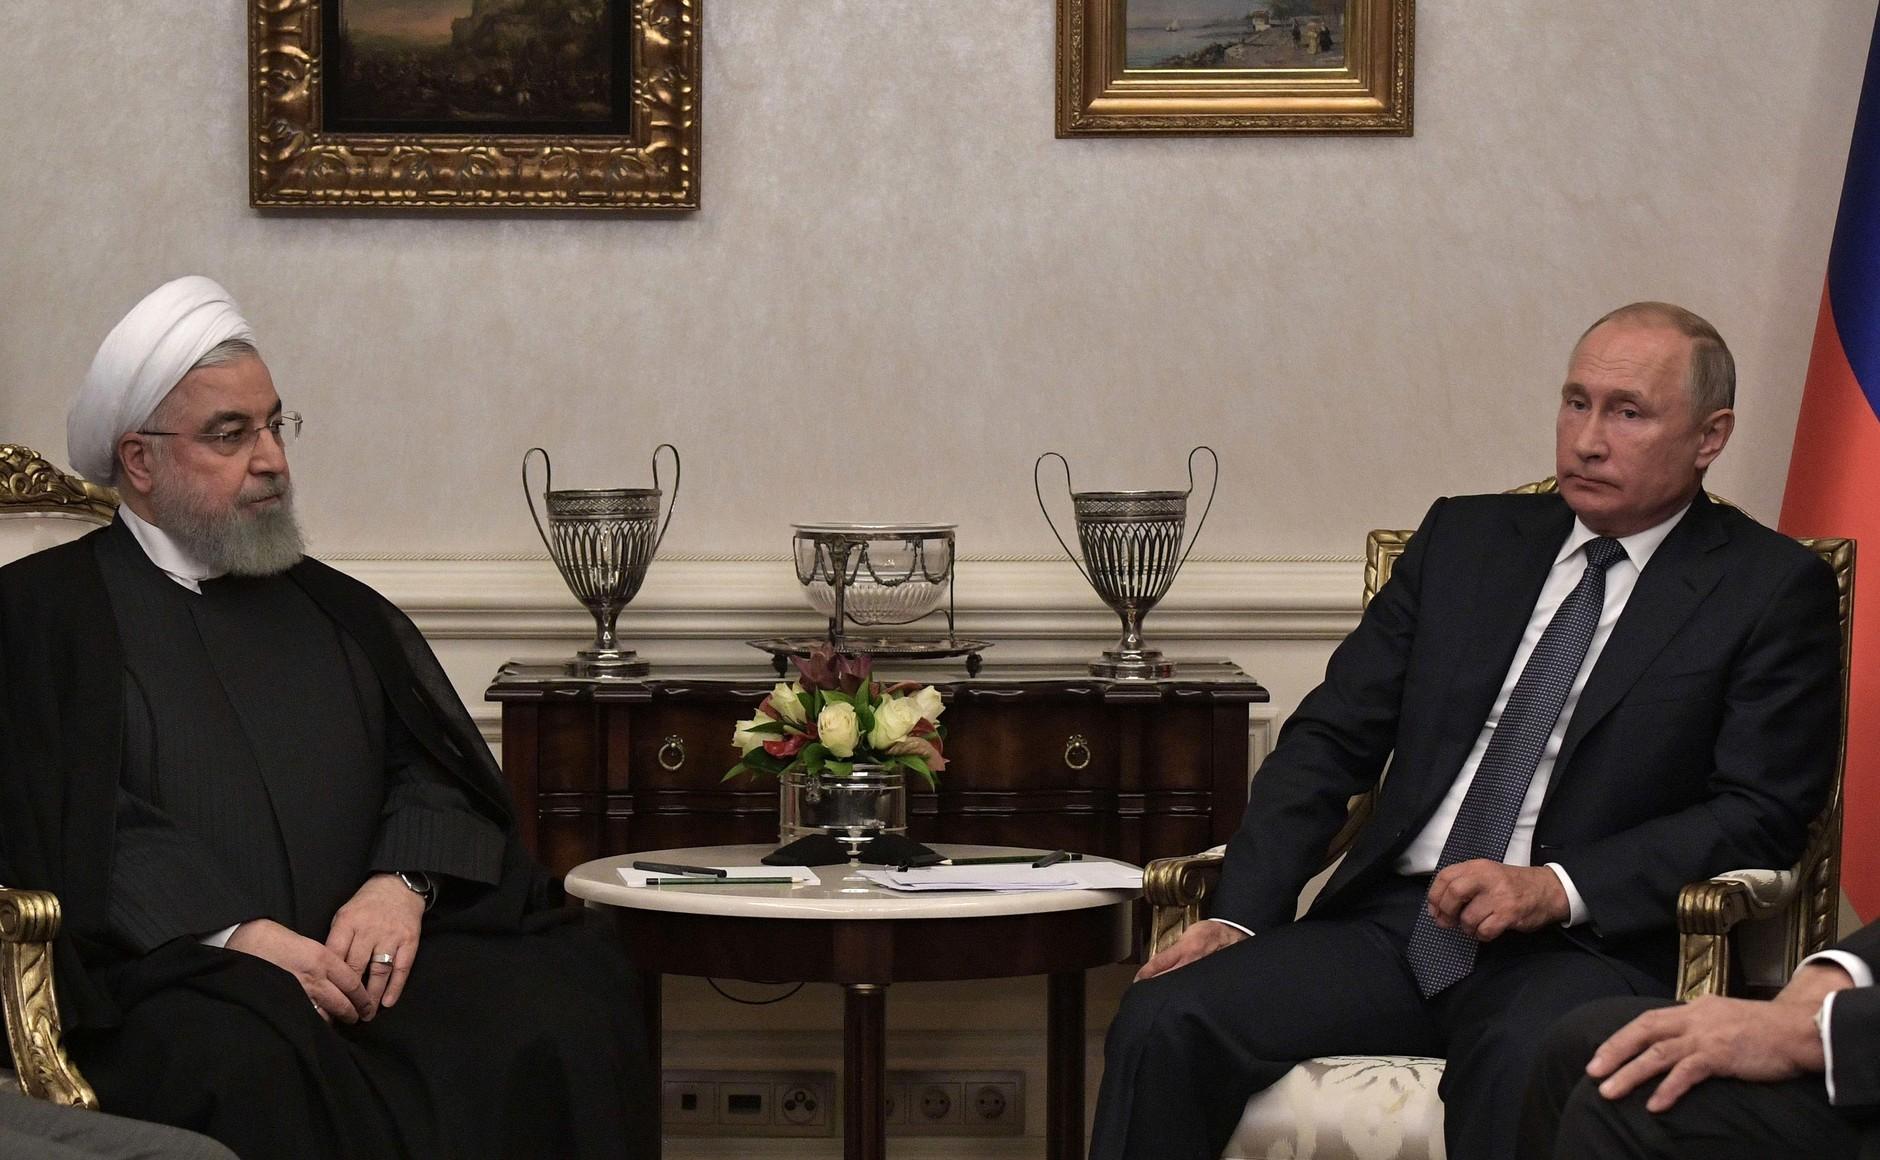 <p>Президент РФ Владимир Путин и президент Ирана Хасан Рухани. Фото © Kremlin</p>